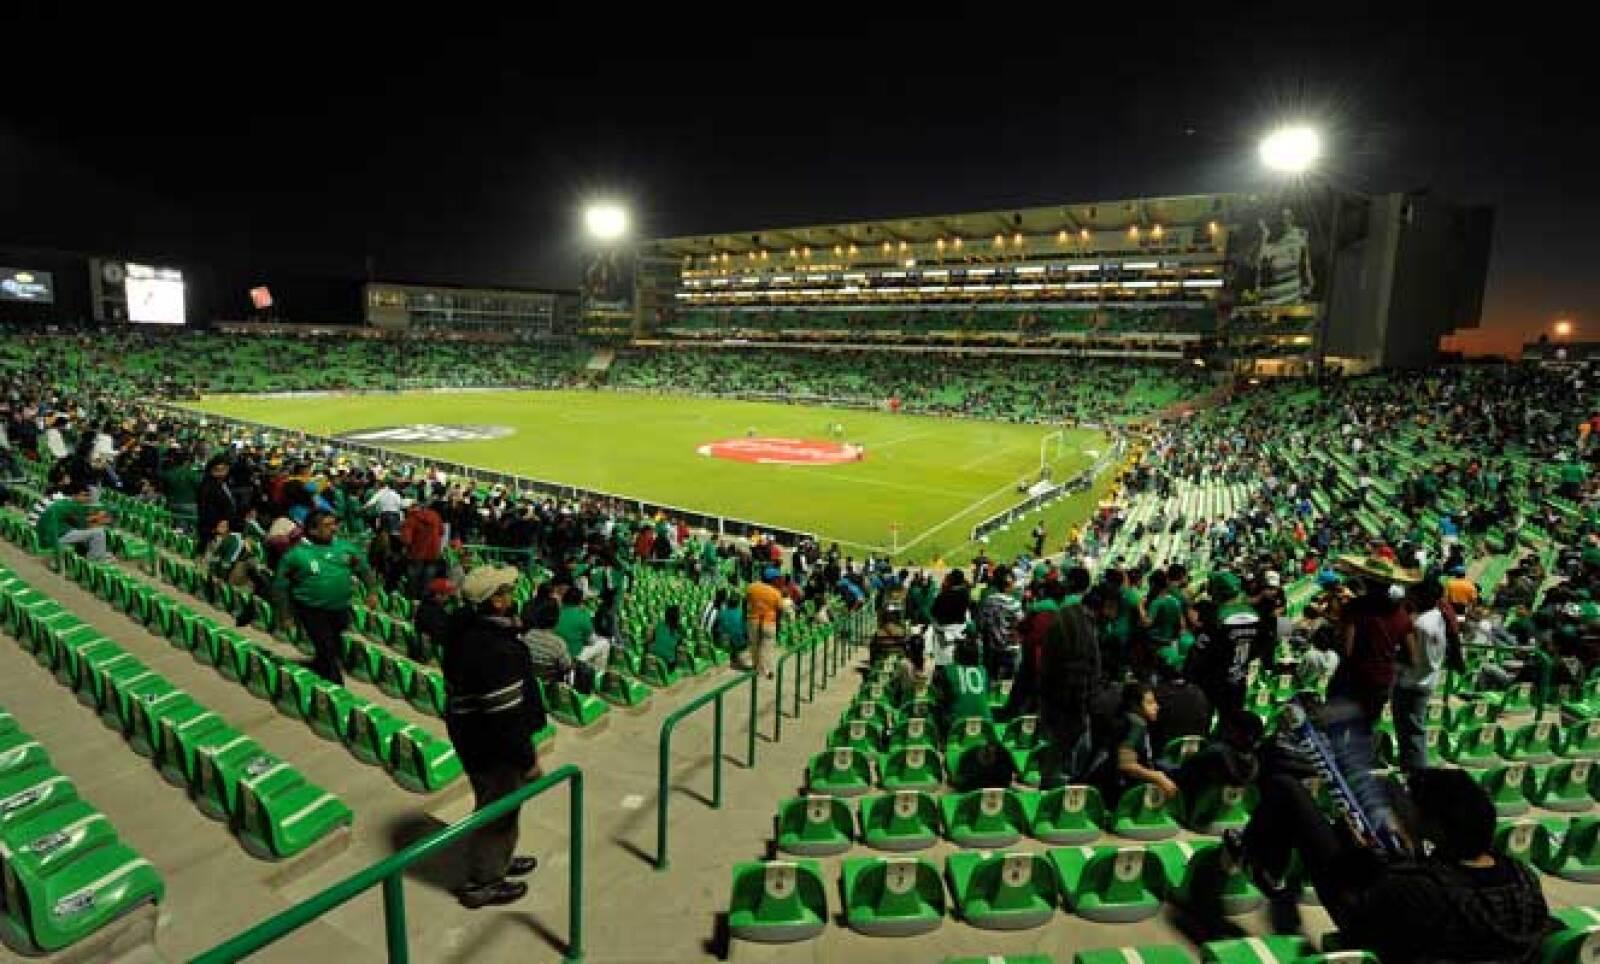 Como elemento innovador en México, el estadio lagunero rompe con la tradición de las barreras físicas entre aficionados y futbolistas, y favorece los espacios abiertos en donde se une la gradería con la cancha.